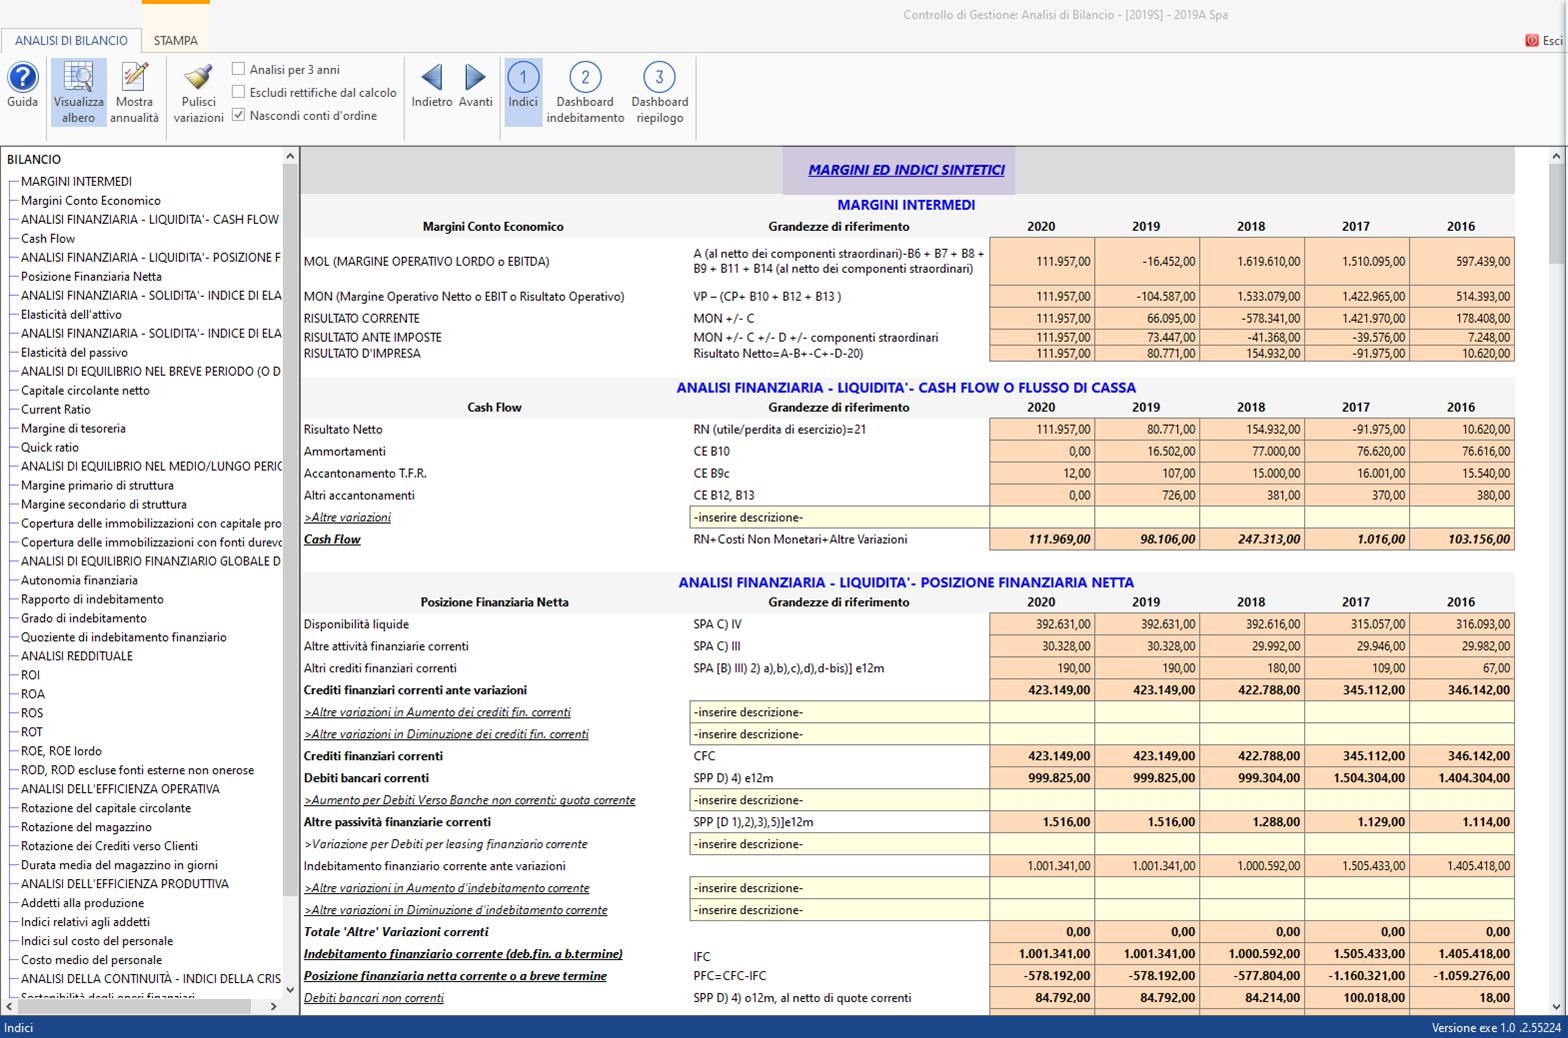 Controllo di Gestione: disponibile Analisi di Bilancio Sintetica - Sezione indici